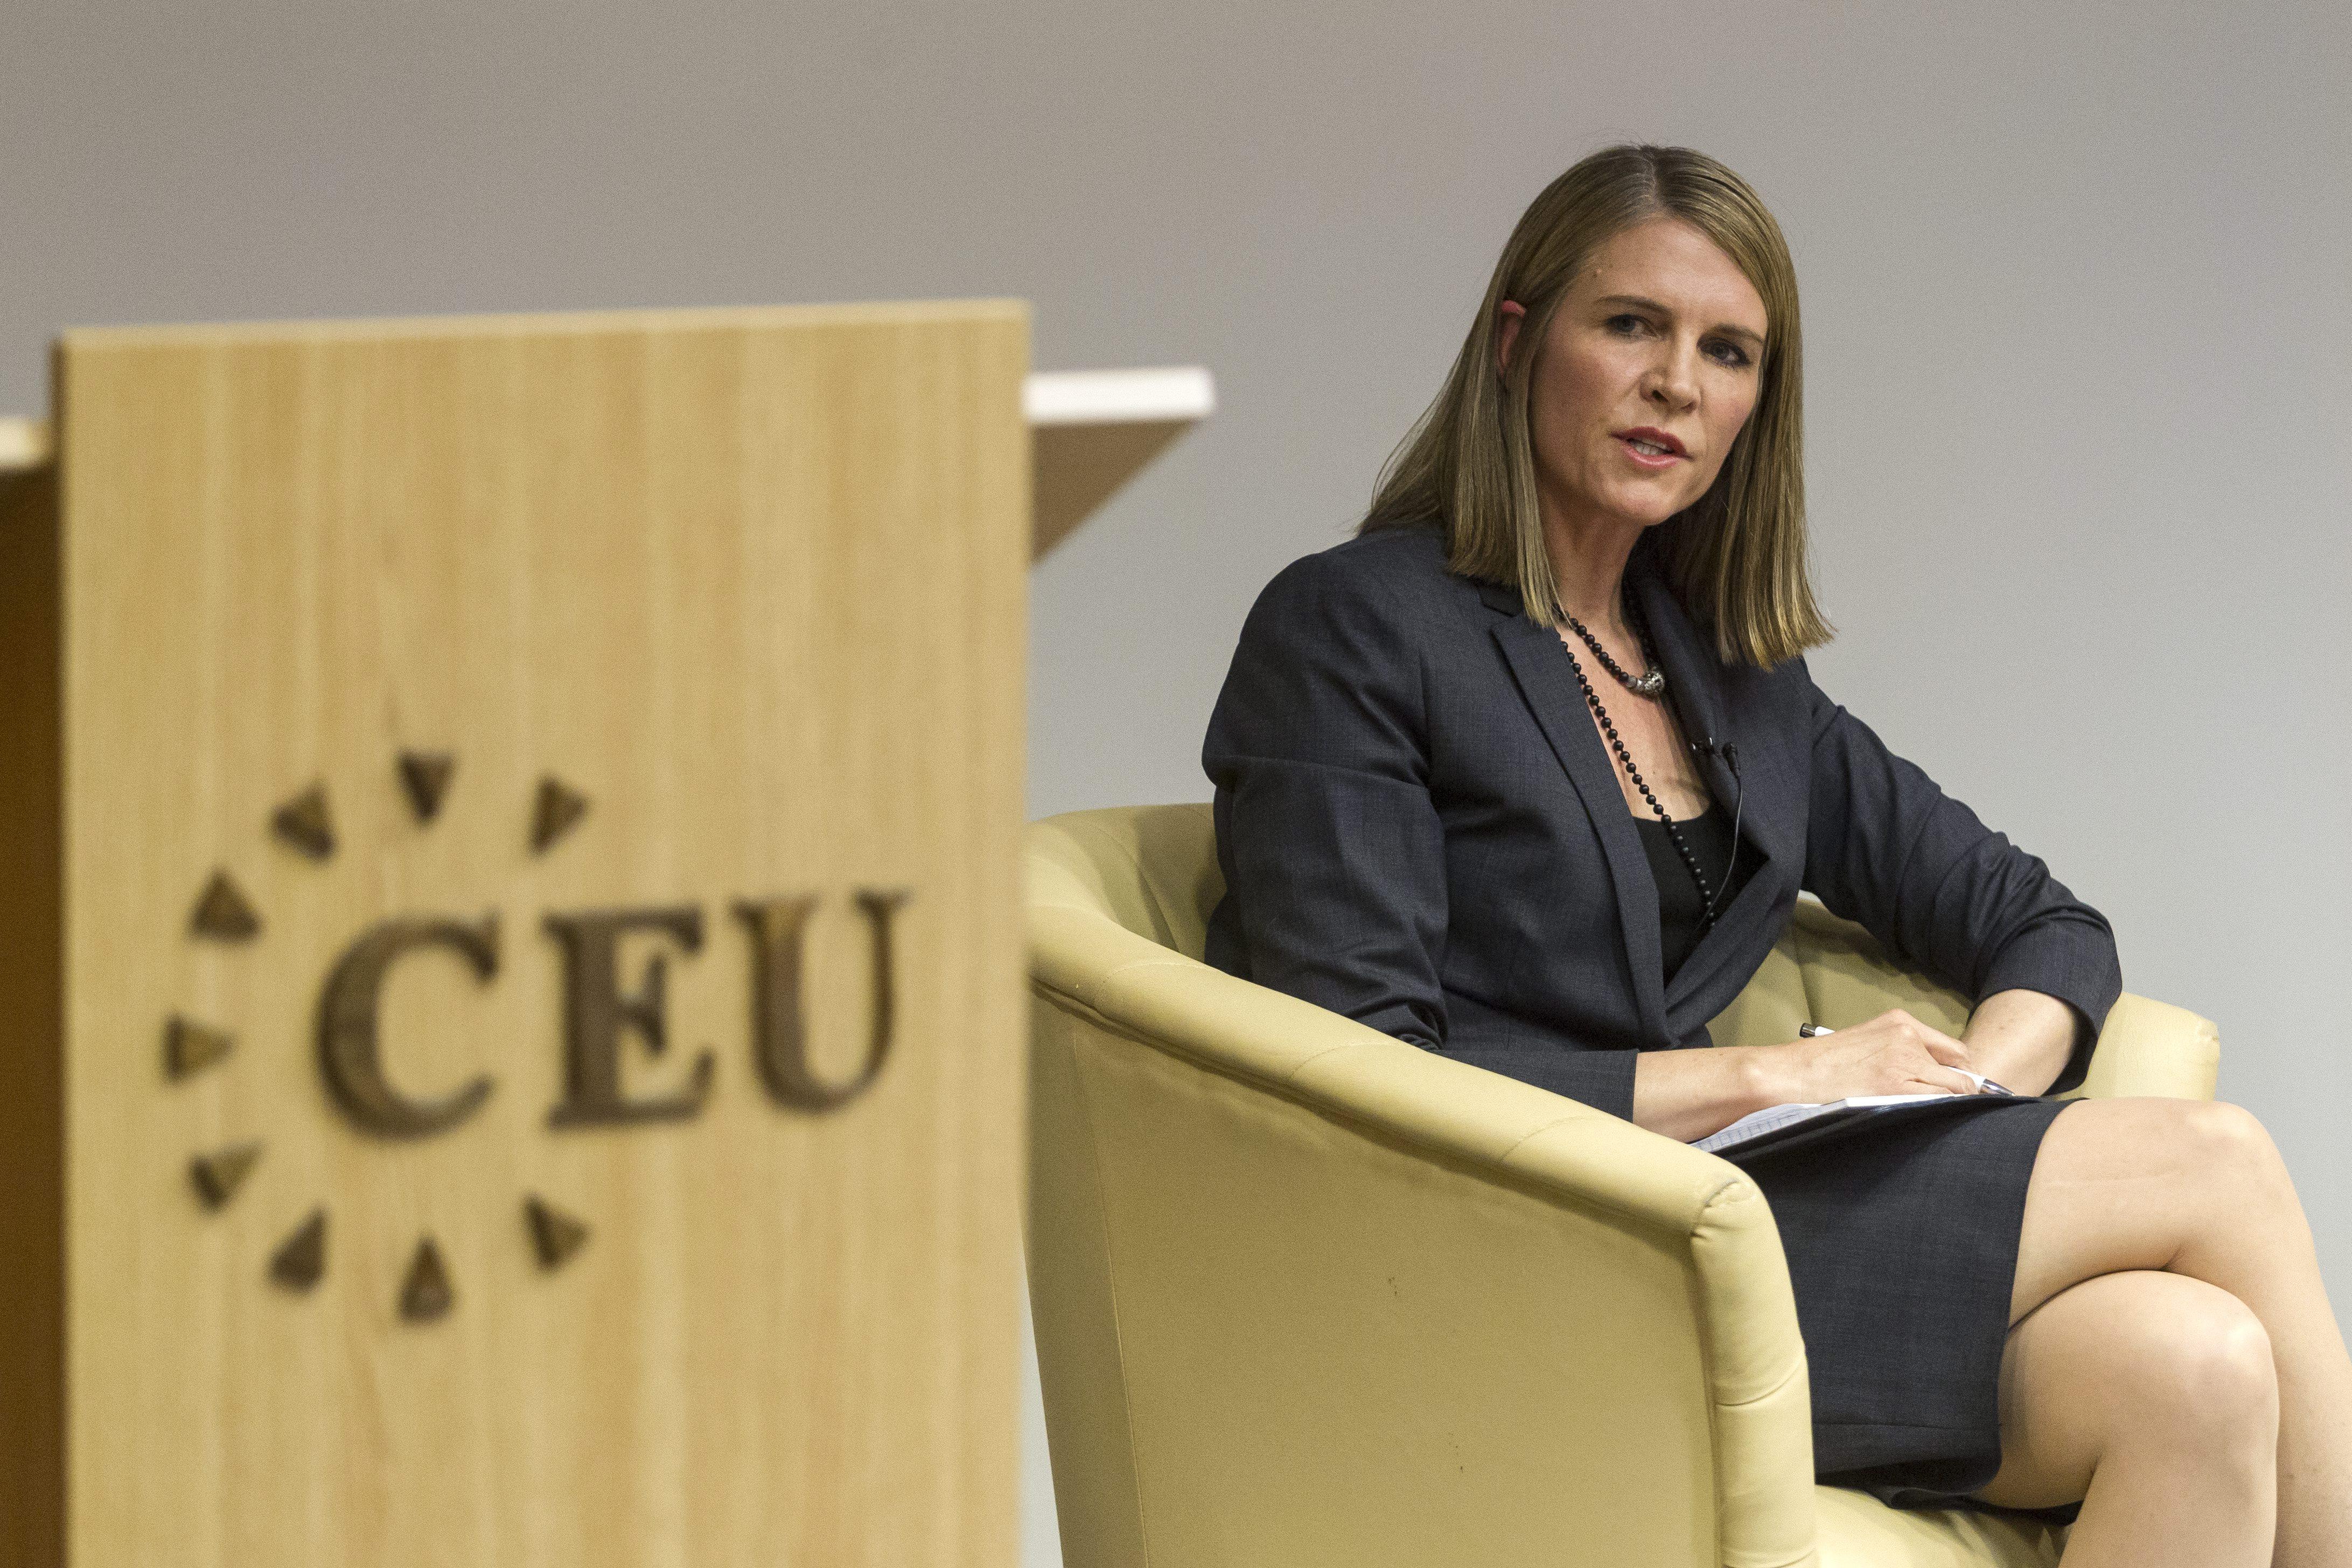 Colleen Bell: Magyarországon a korrupció aggasztja az embereket